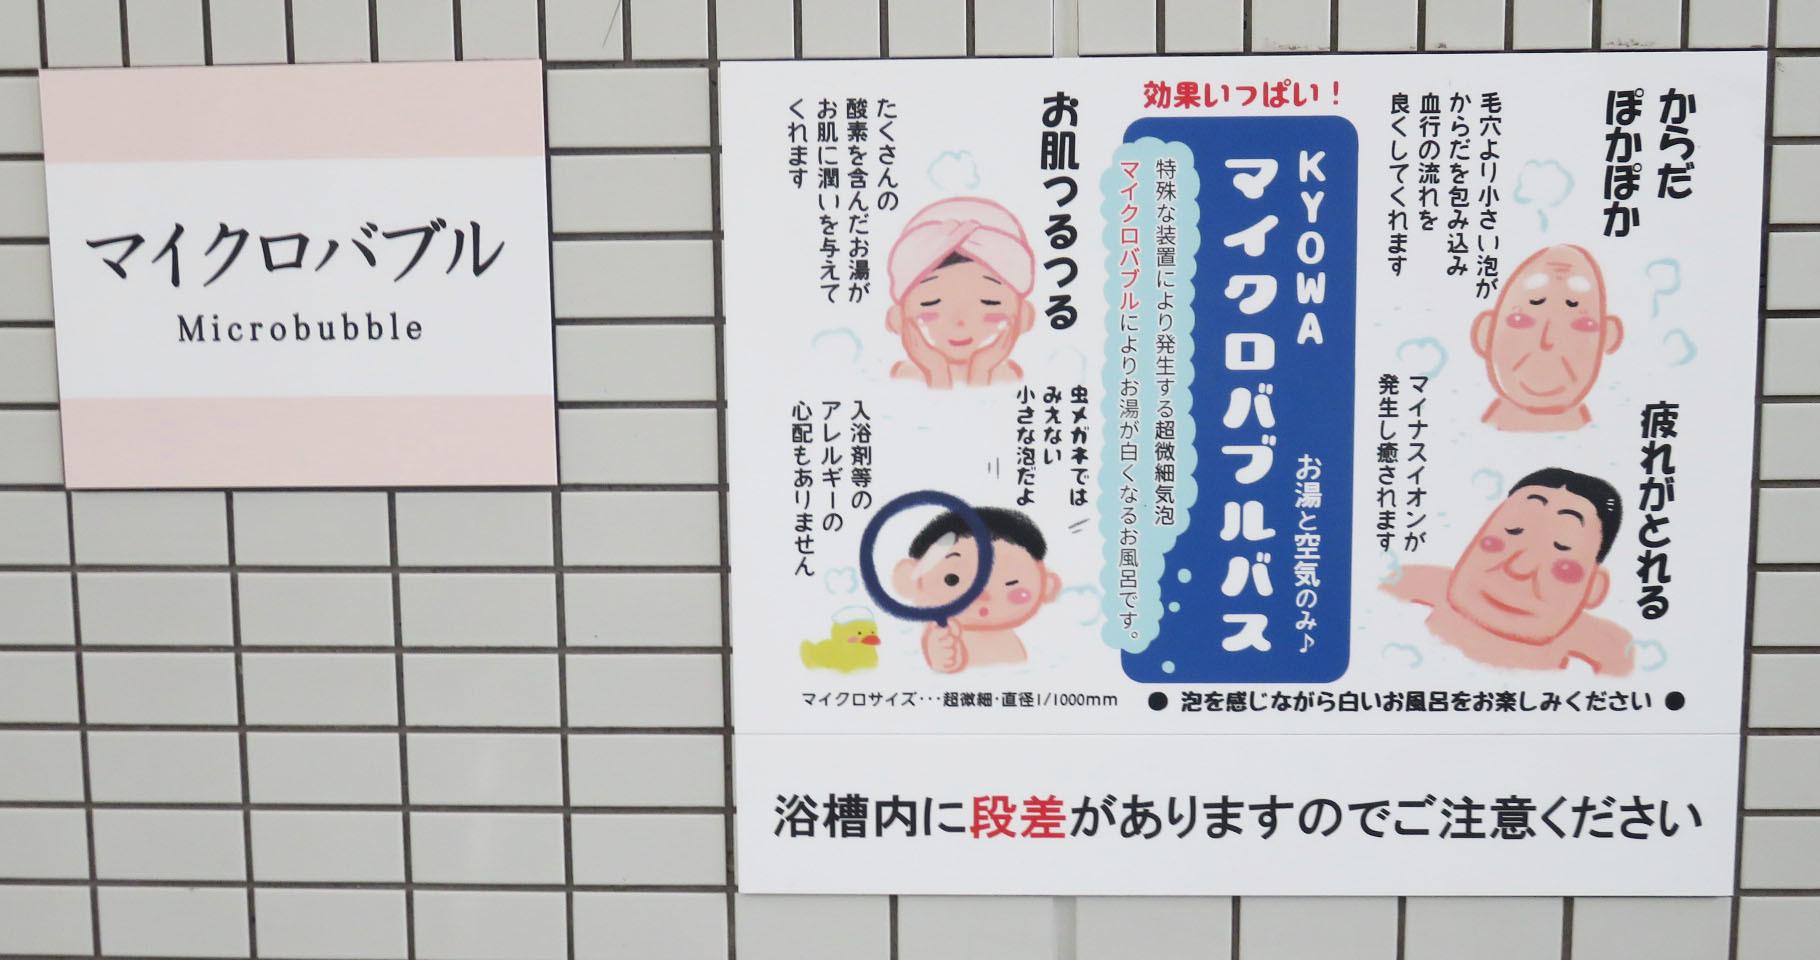 久乃家さまリニューアル工事・マイクロバブルバス導入~その後~ の取材_f0228240_16592790.jpg